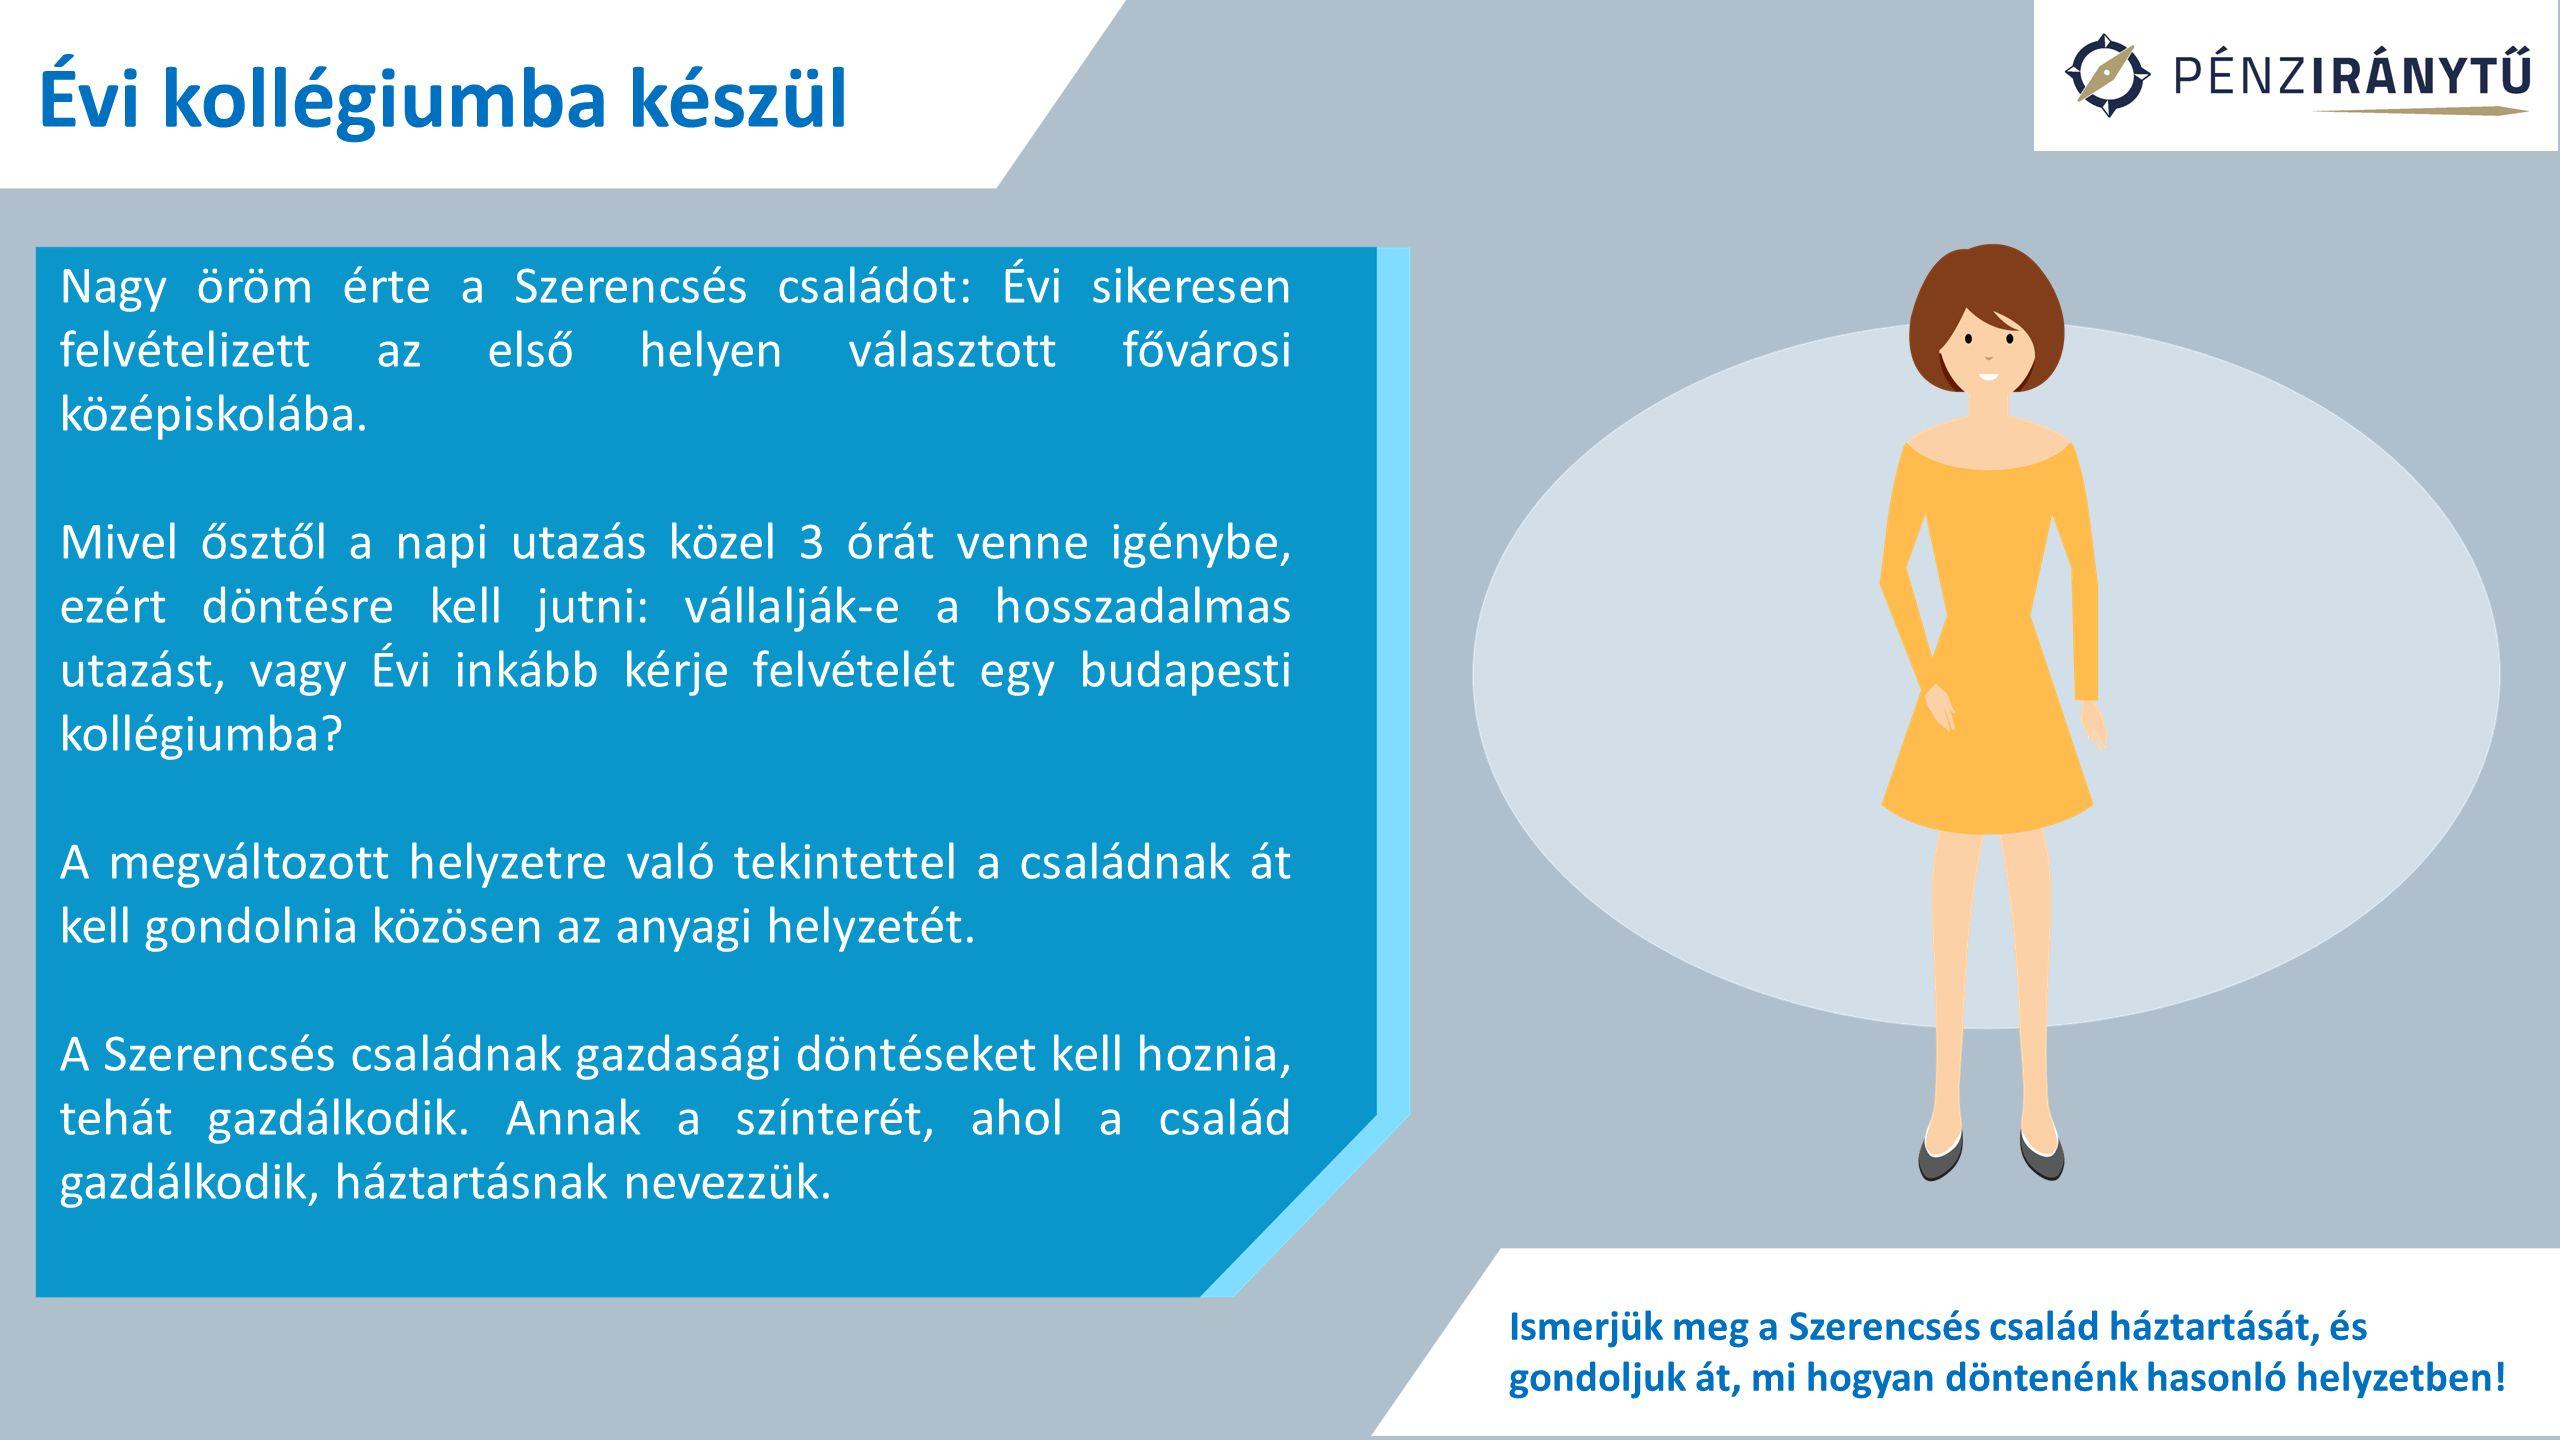 Évi kollégiumba készül A kollégiumi ellátás 1 hónapra 18 ezer forintba kerül, a távolsági bérlet és a BKV-bérlet ára együtt 8 ezer forint lenne.